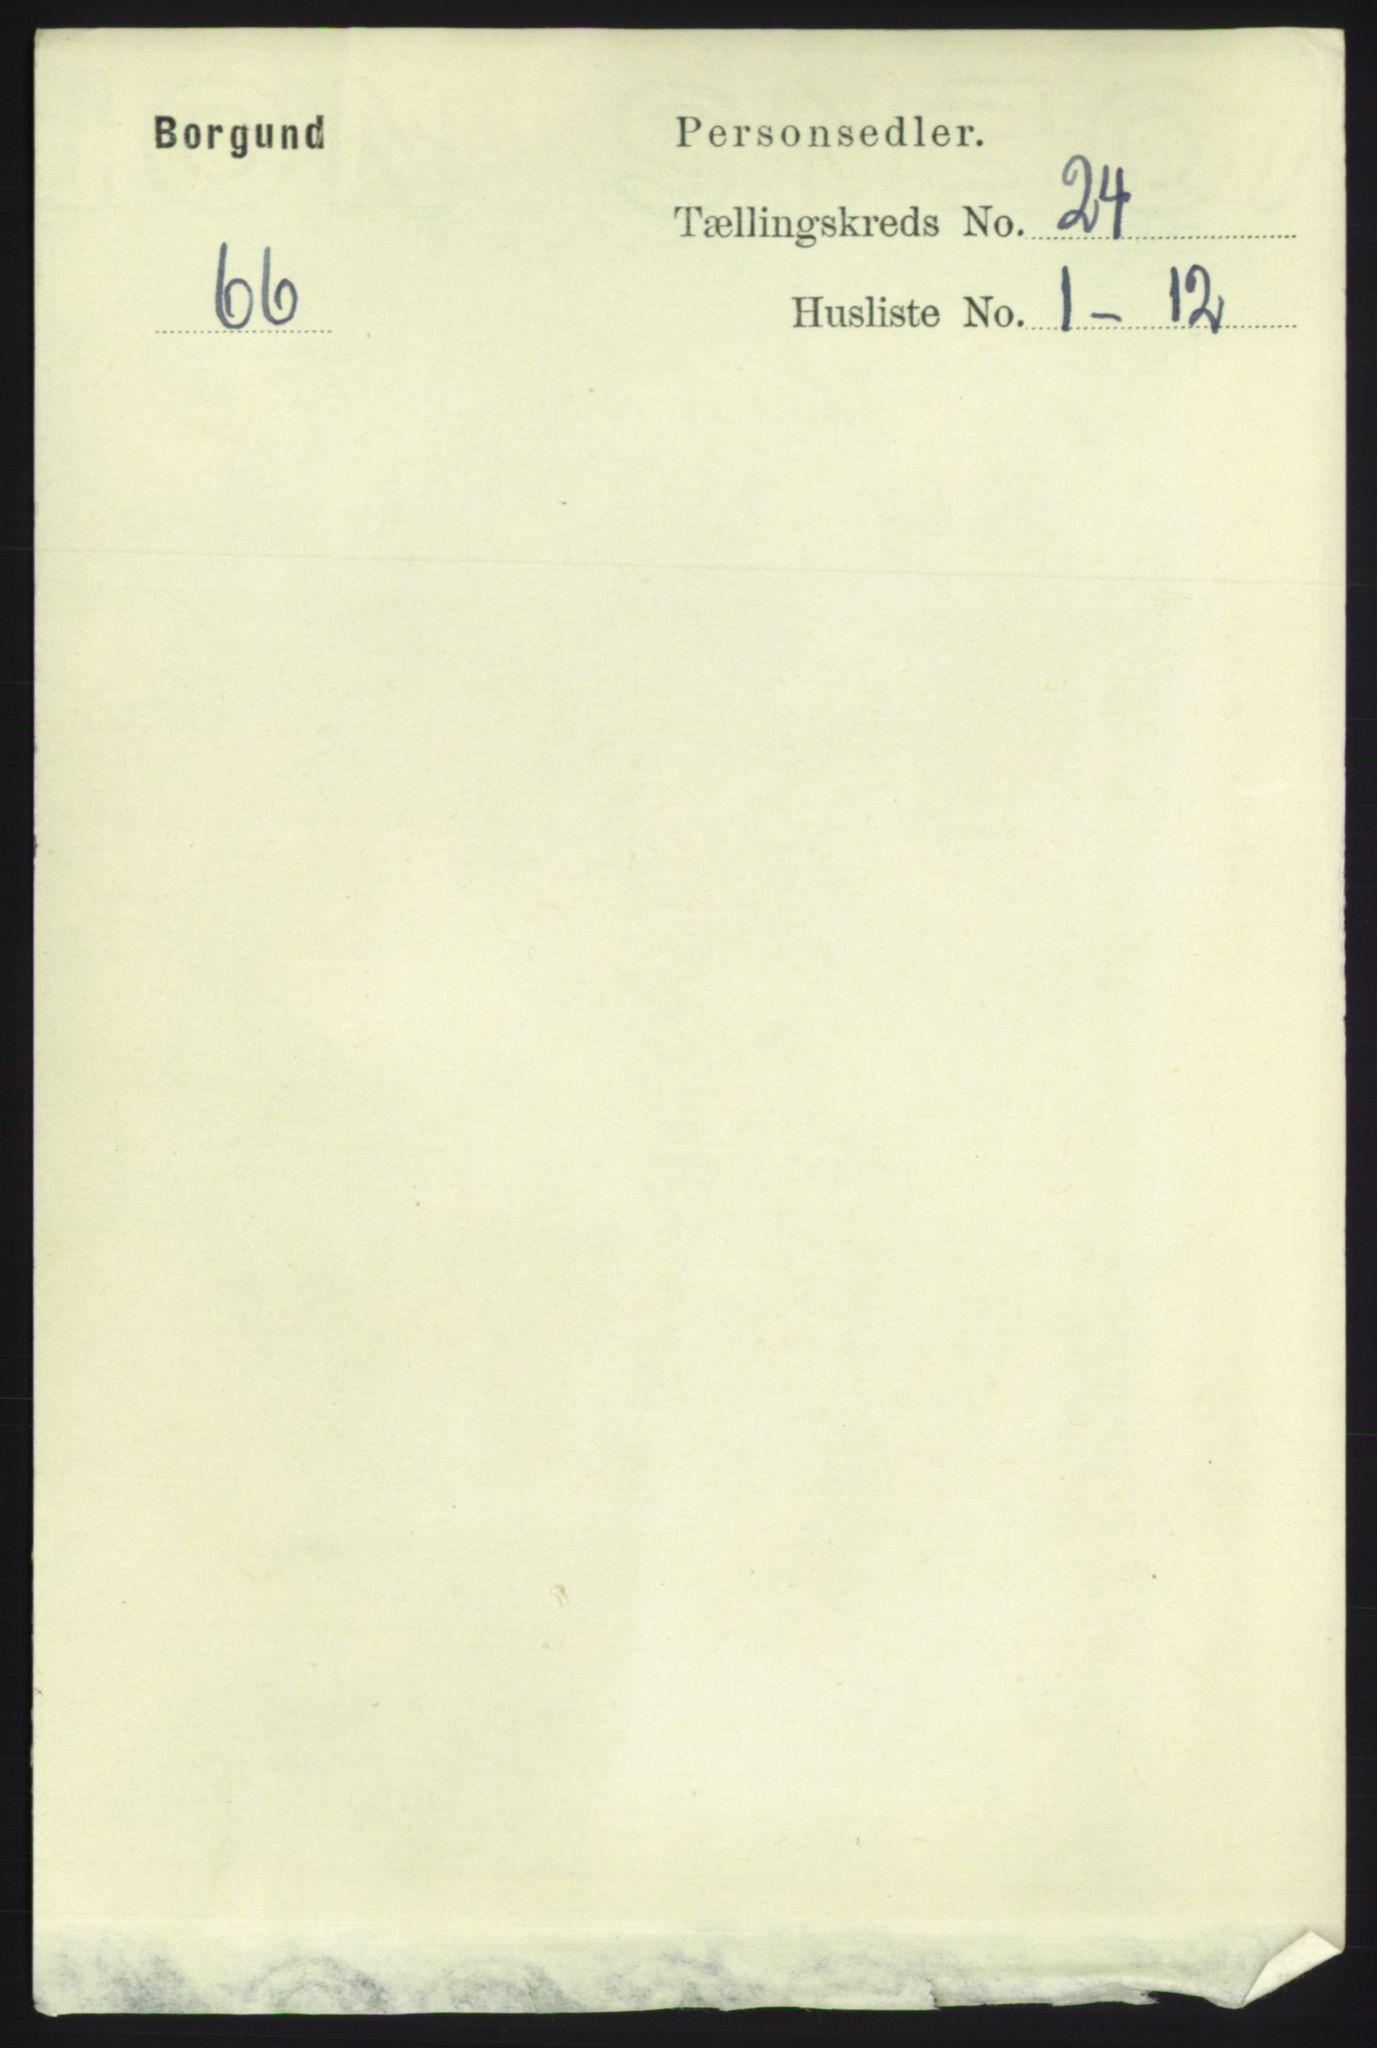 RA, Folketelling 1891 for 1531 Borgund herred, 1891, s. 7101